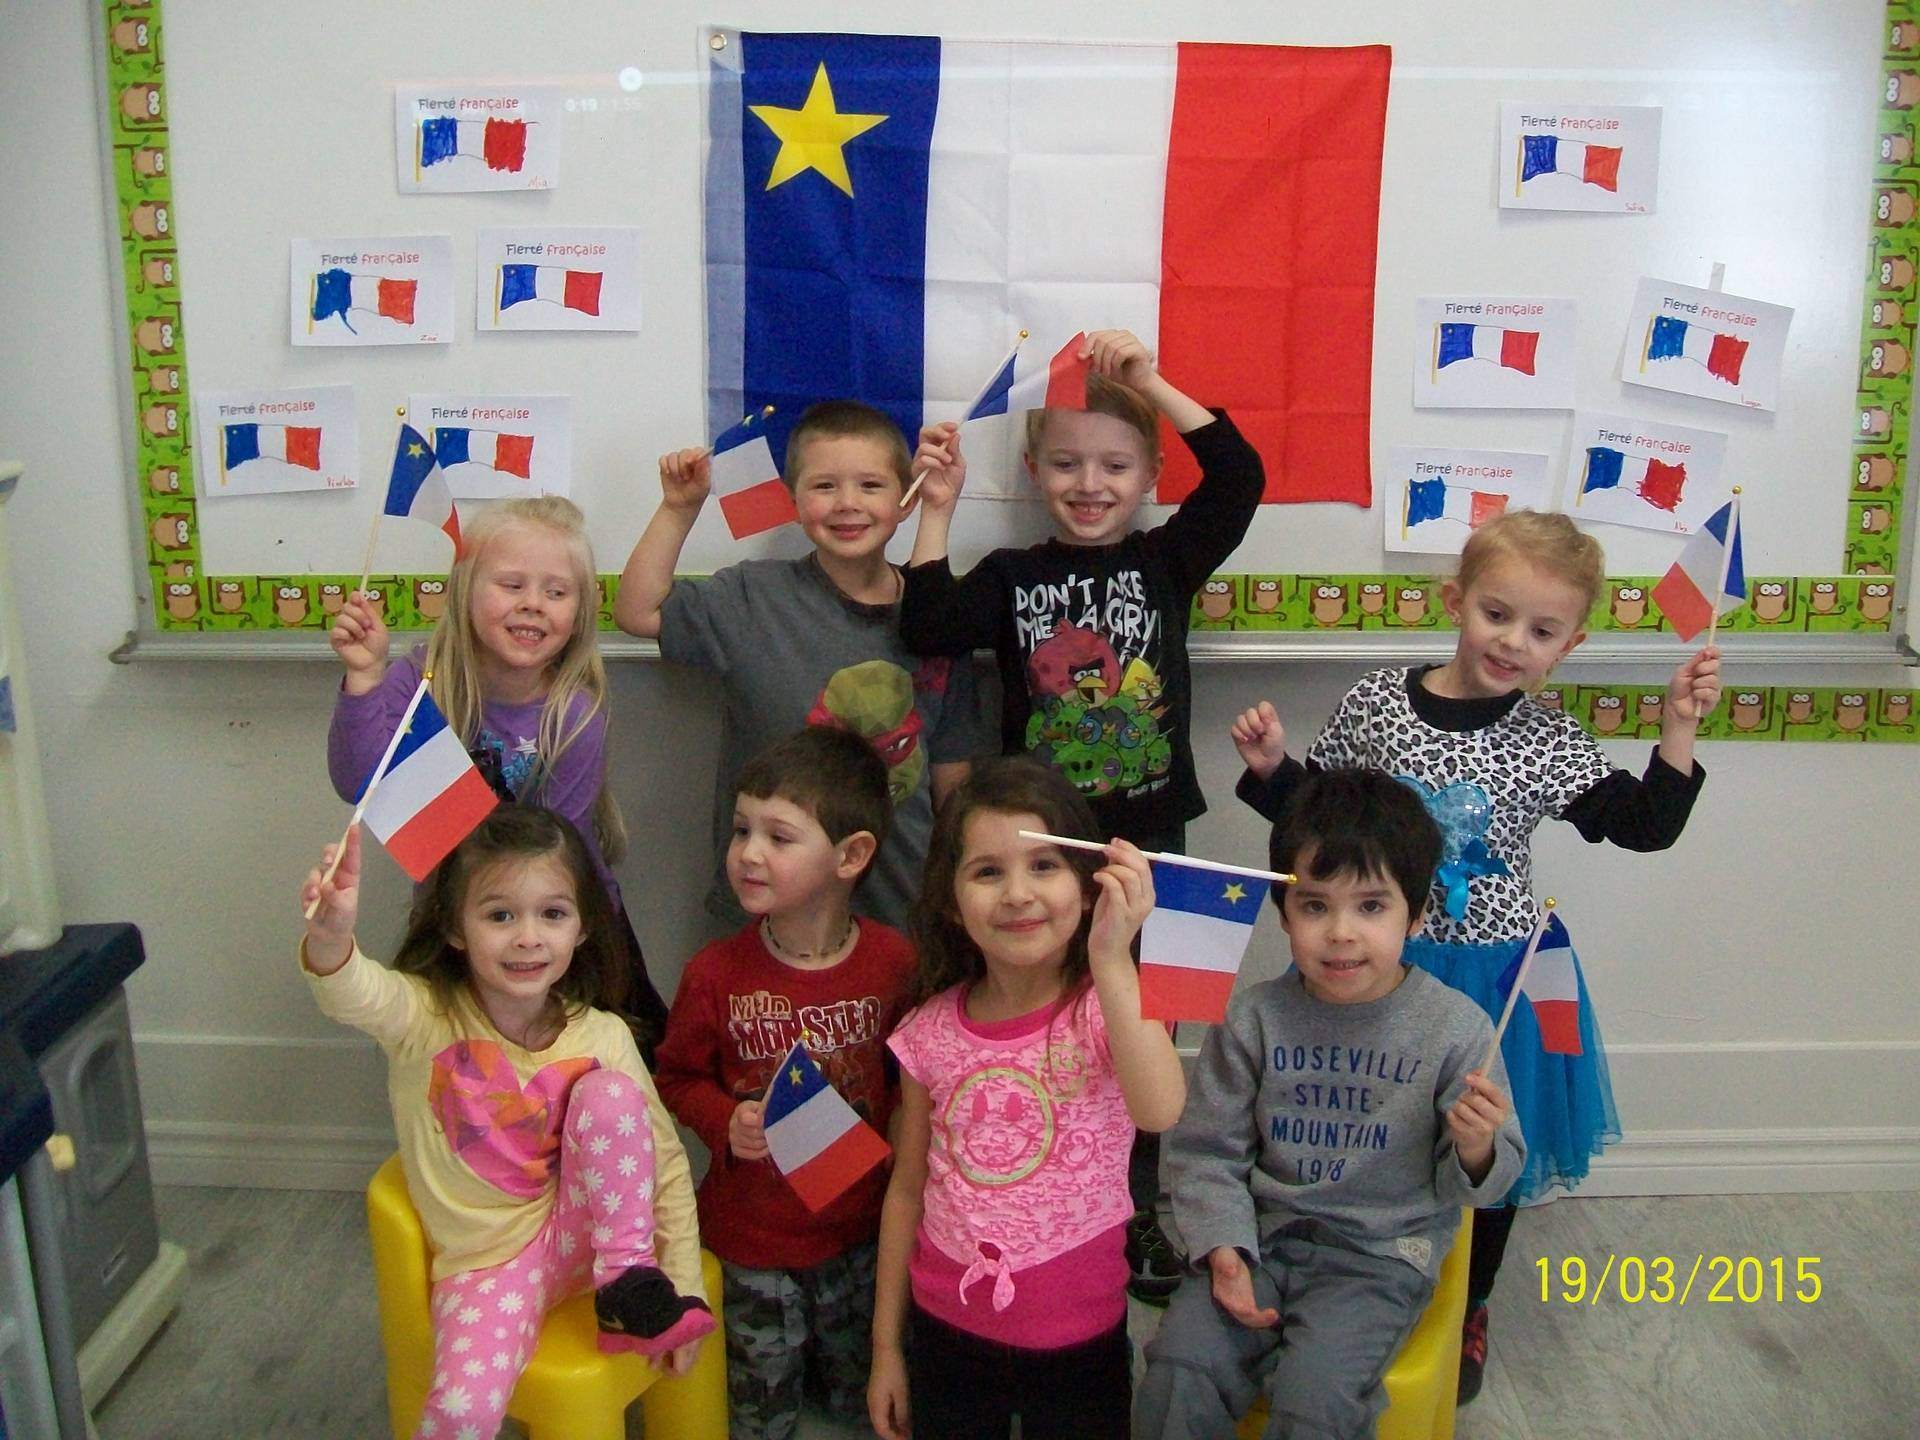 La fièreté française !